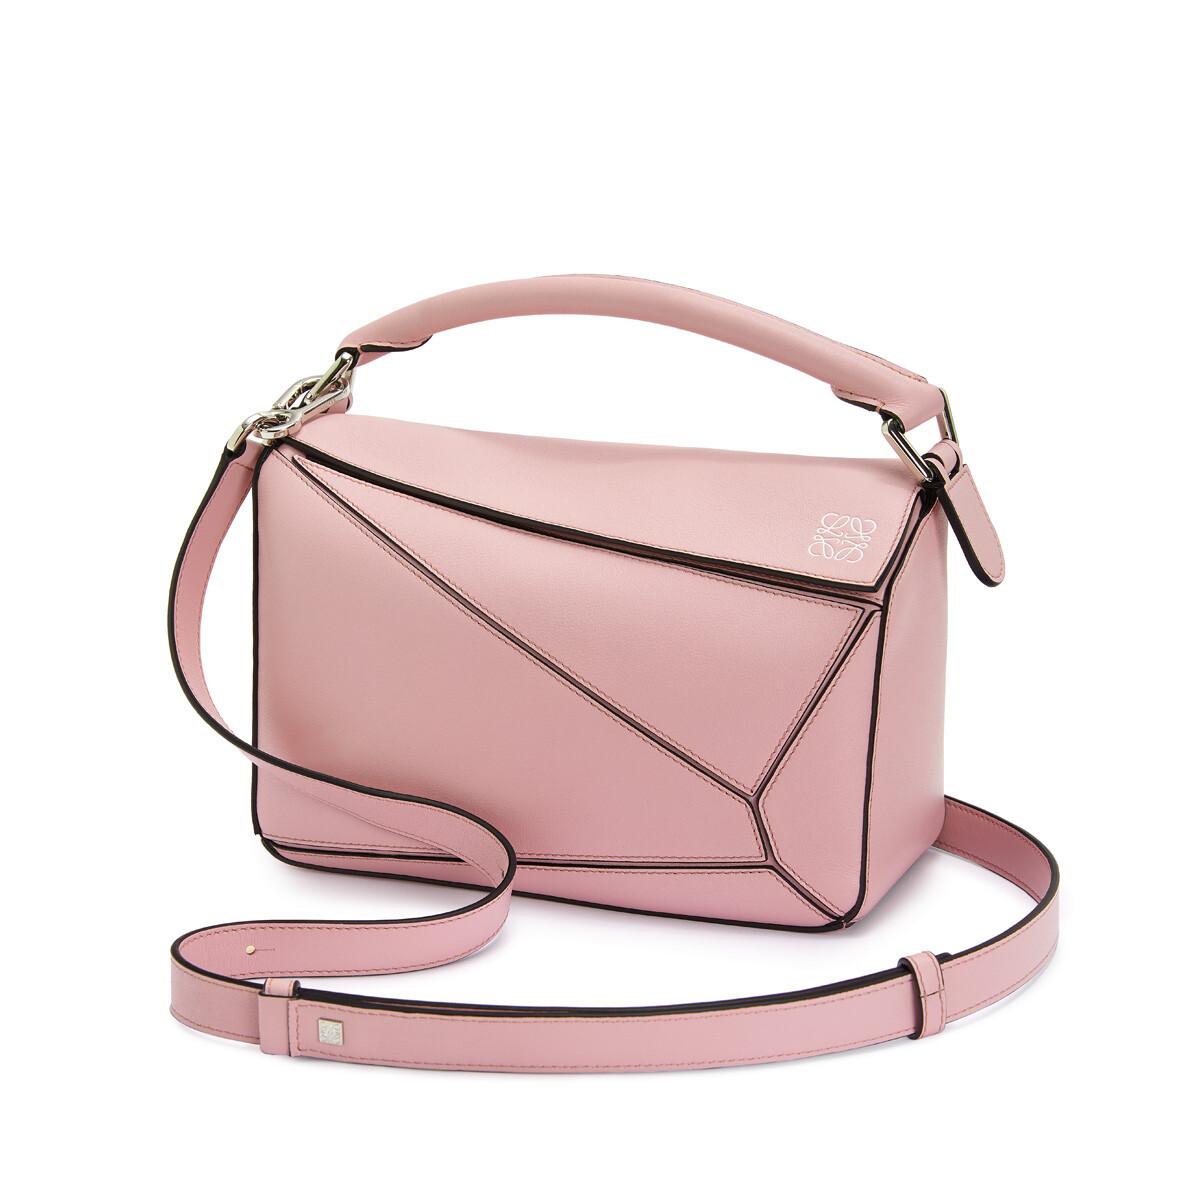 LOEWE パズルスモールバッグ Pastel Pink front